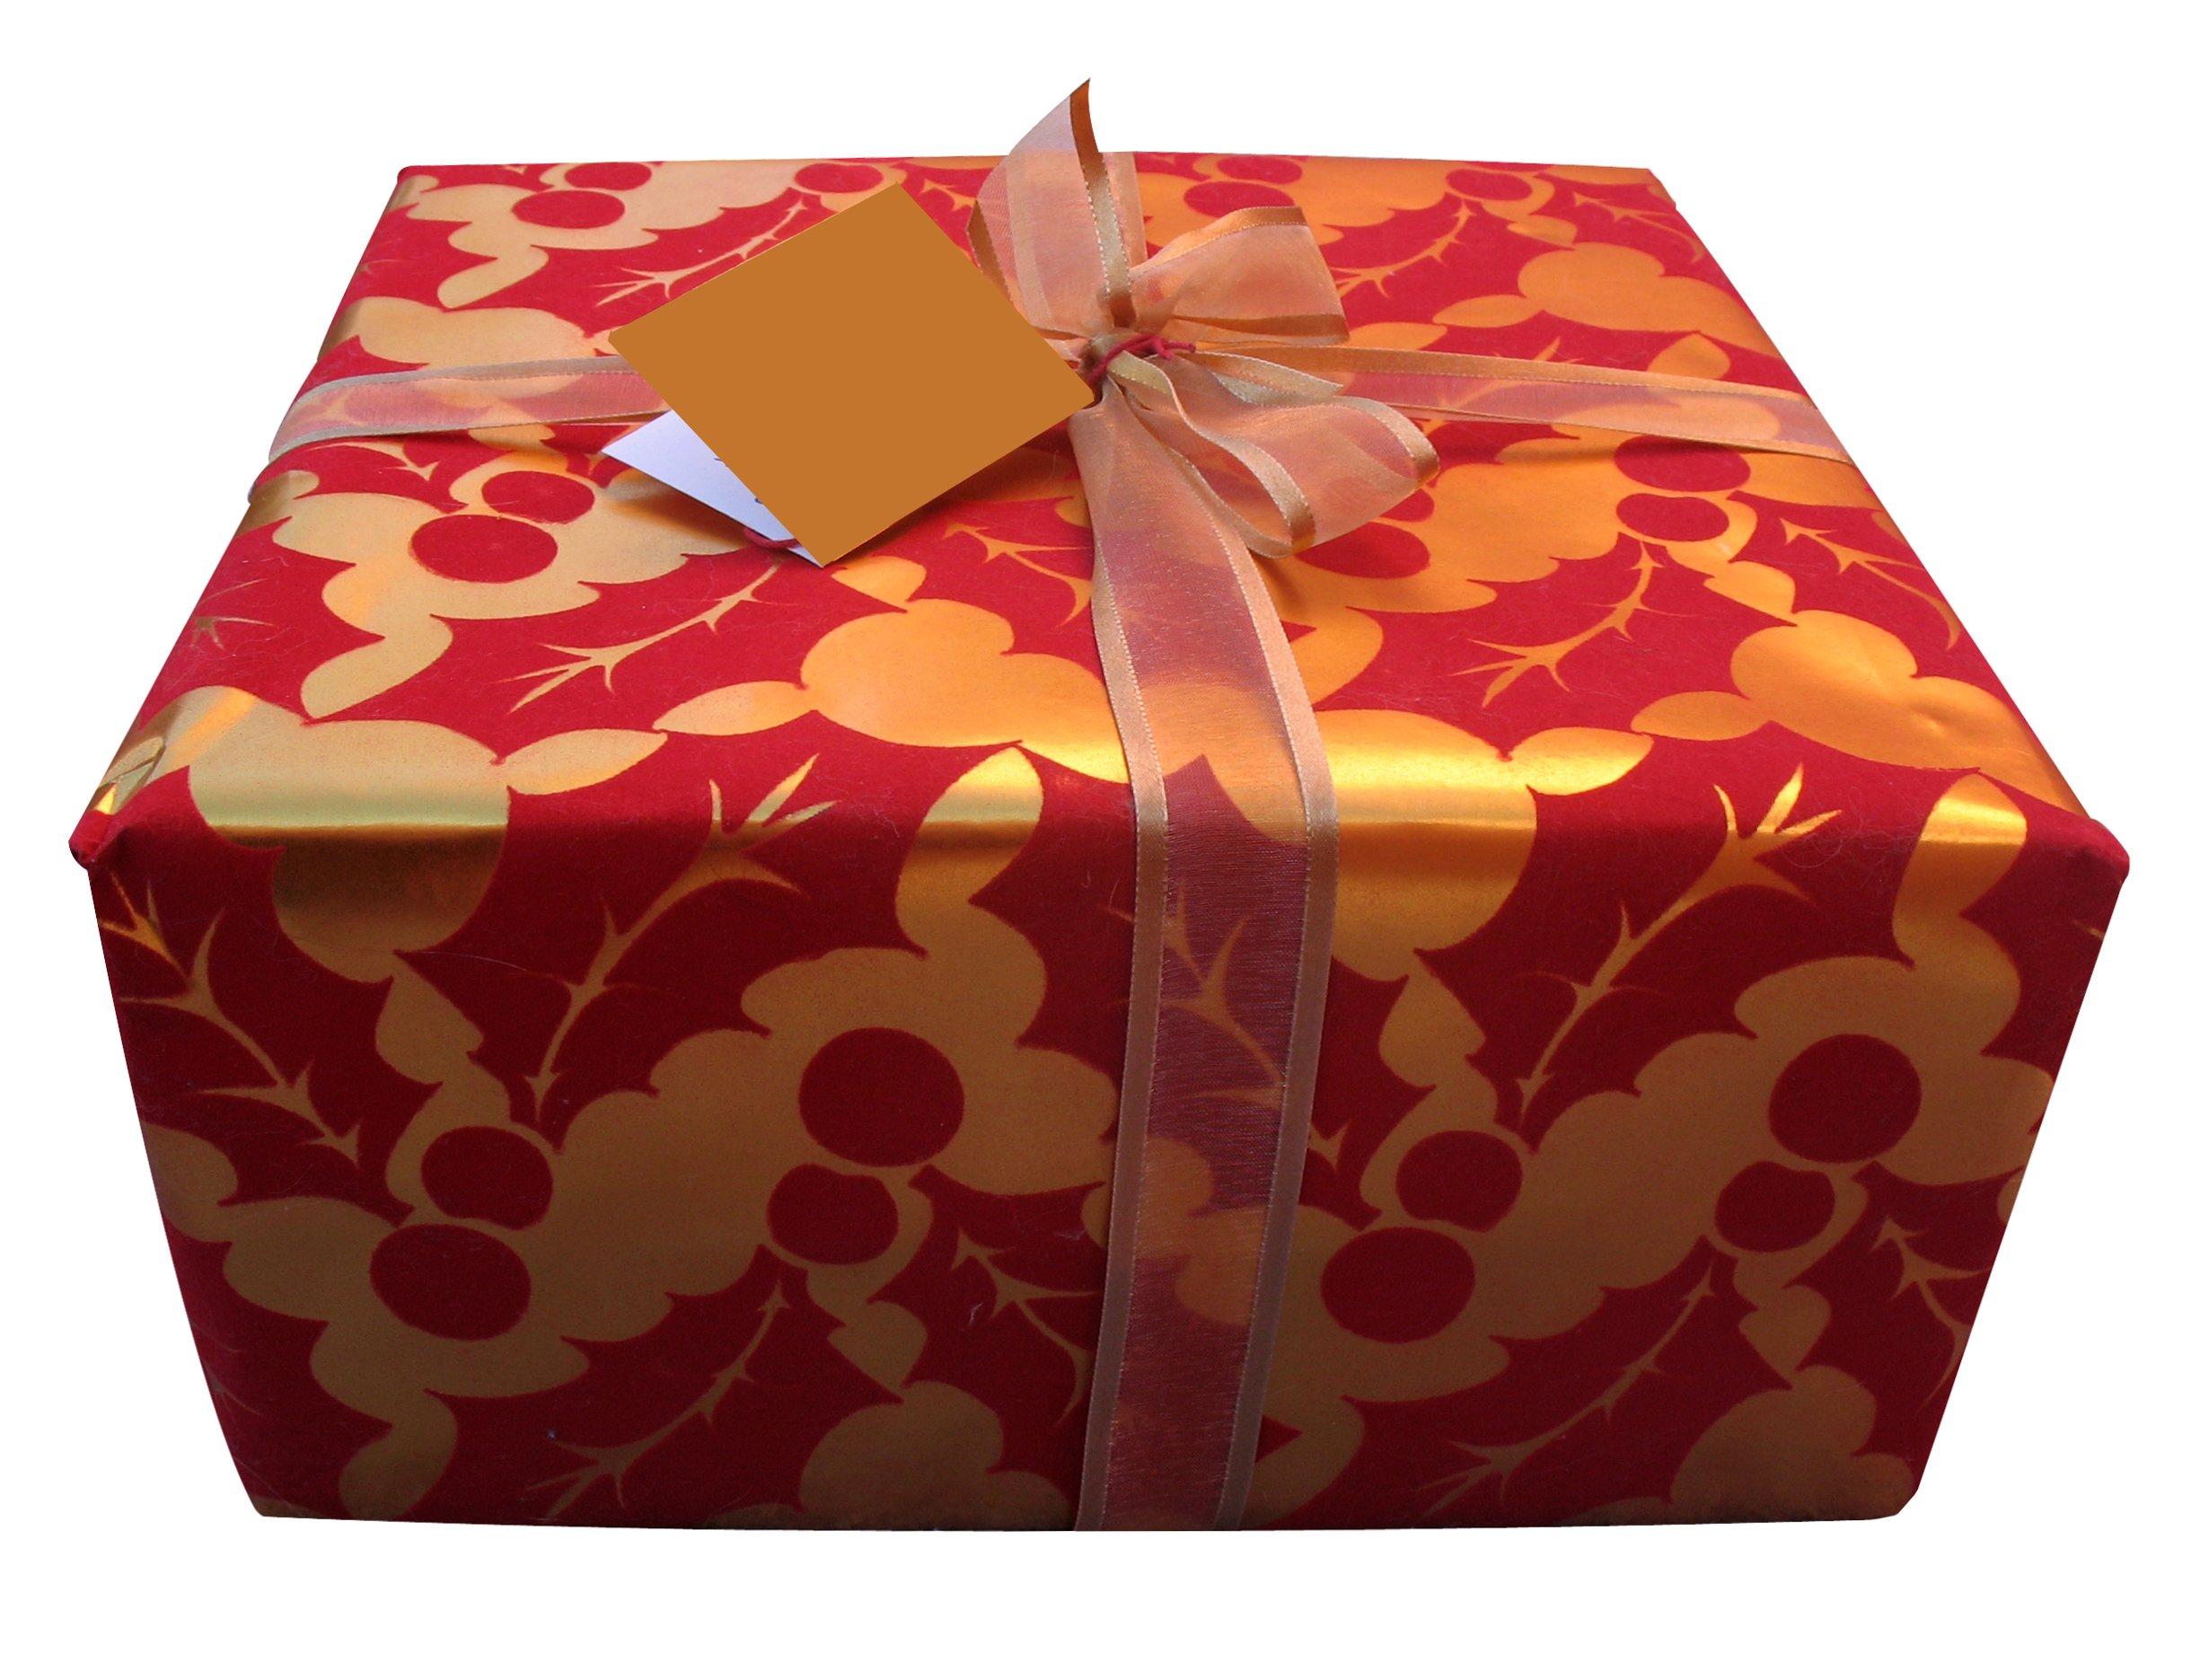 Обсуждаем, меняемся играми и дарим друг другу подарки в этом посте.  У меня тоже будут для вас подарки, но пока не р ... - Изображение 2